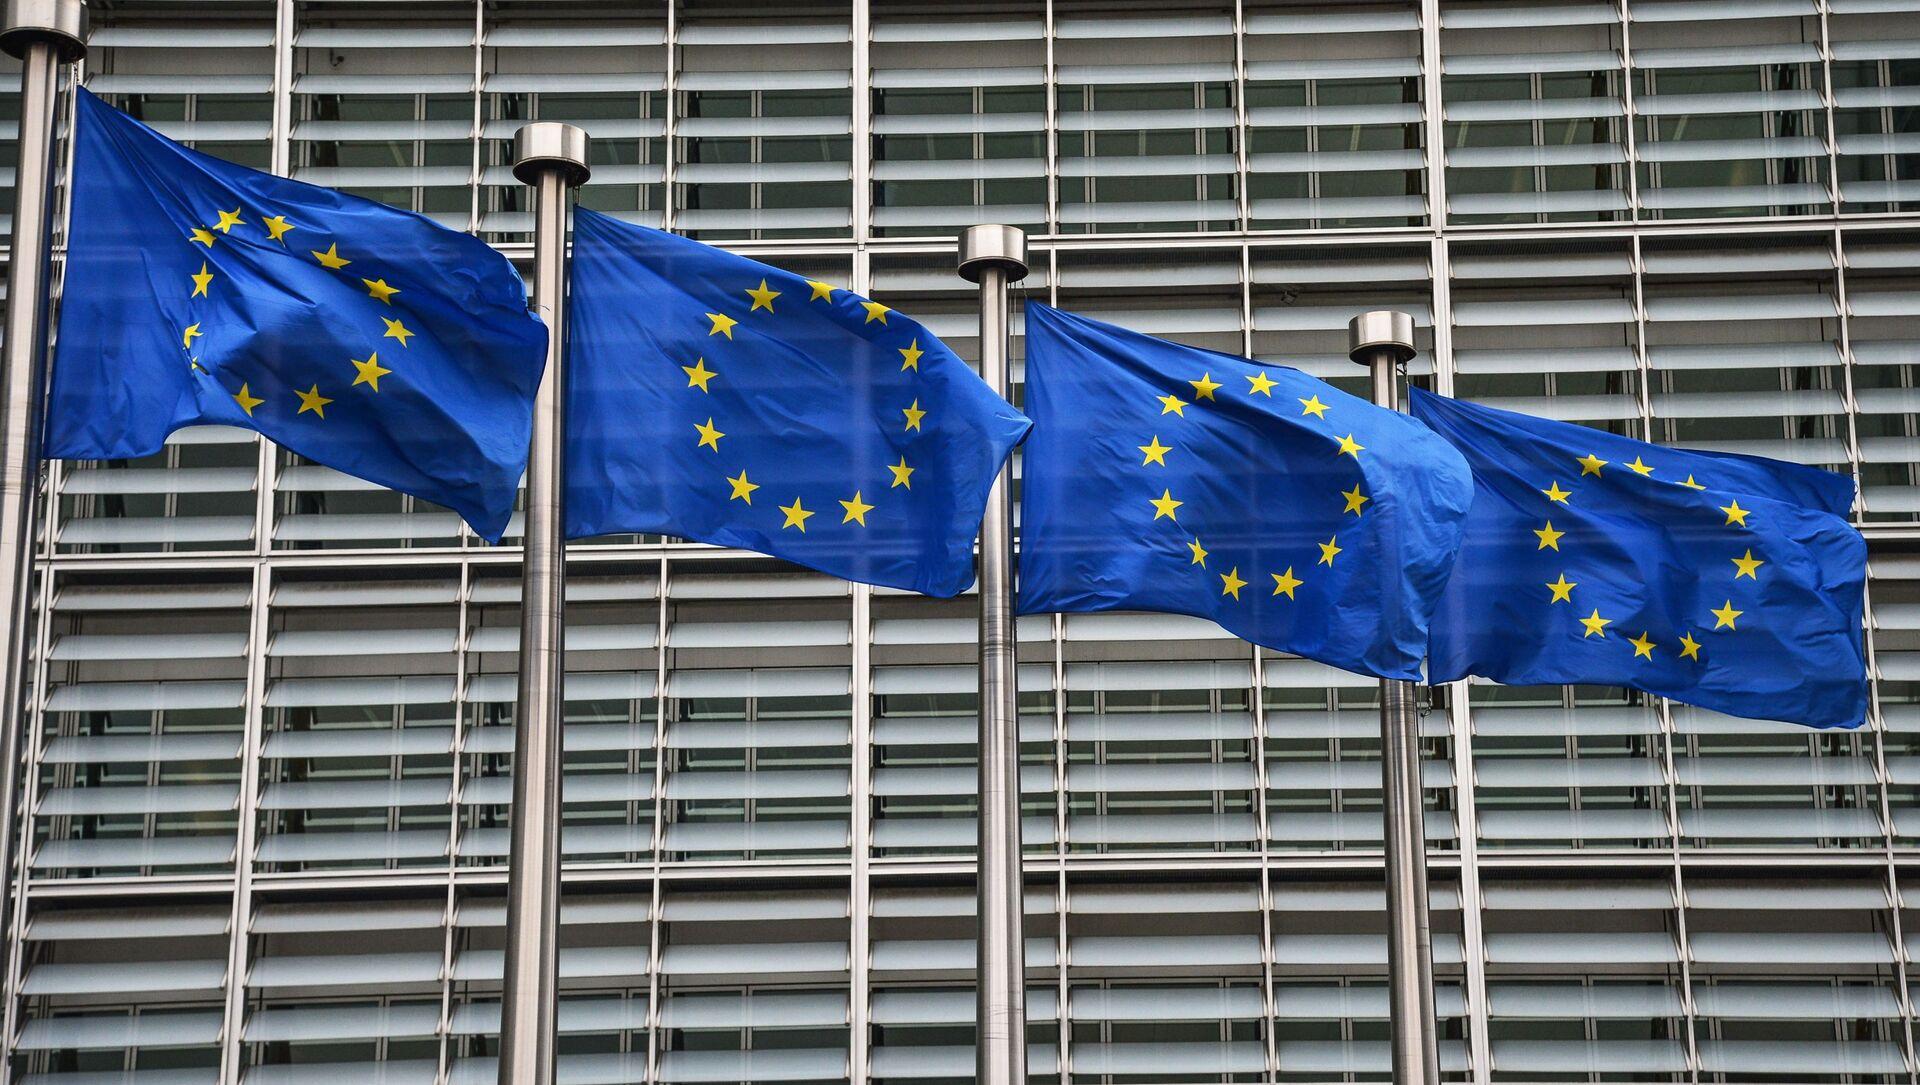 Bandiere dell'UE a Bruxelles - Sputnik Italia, 1920, 23.04.2021